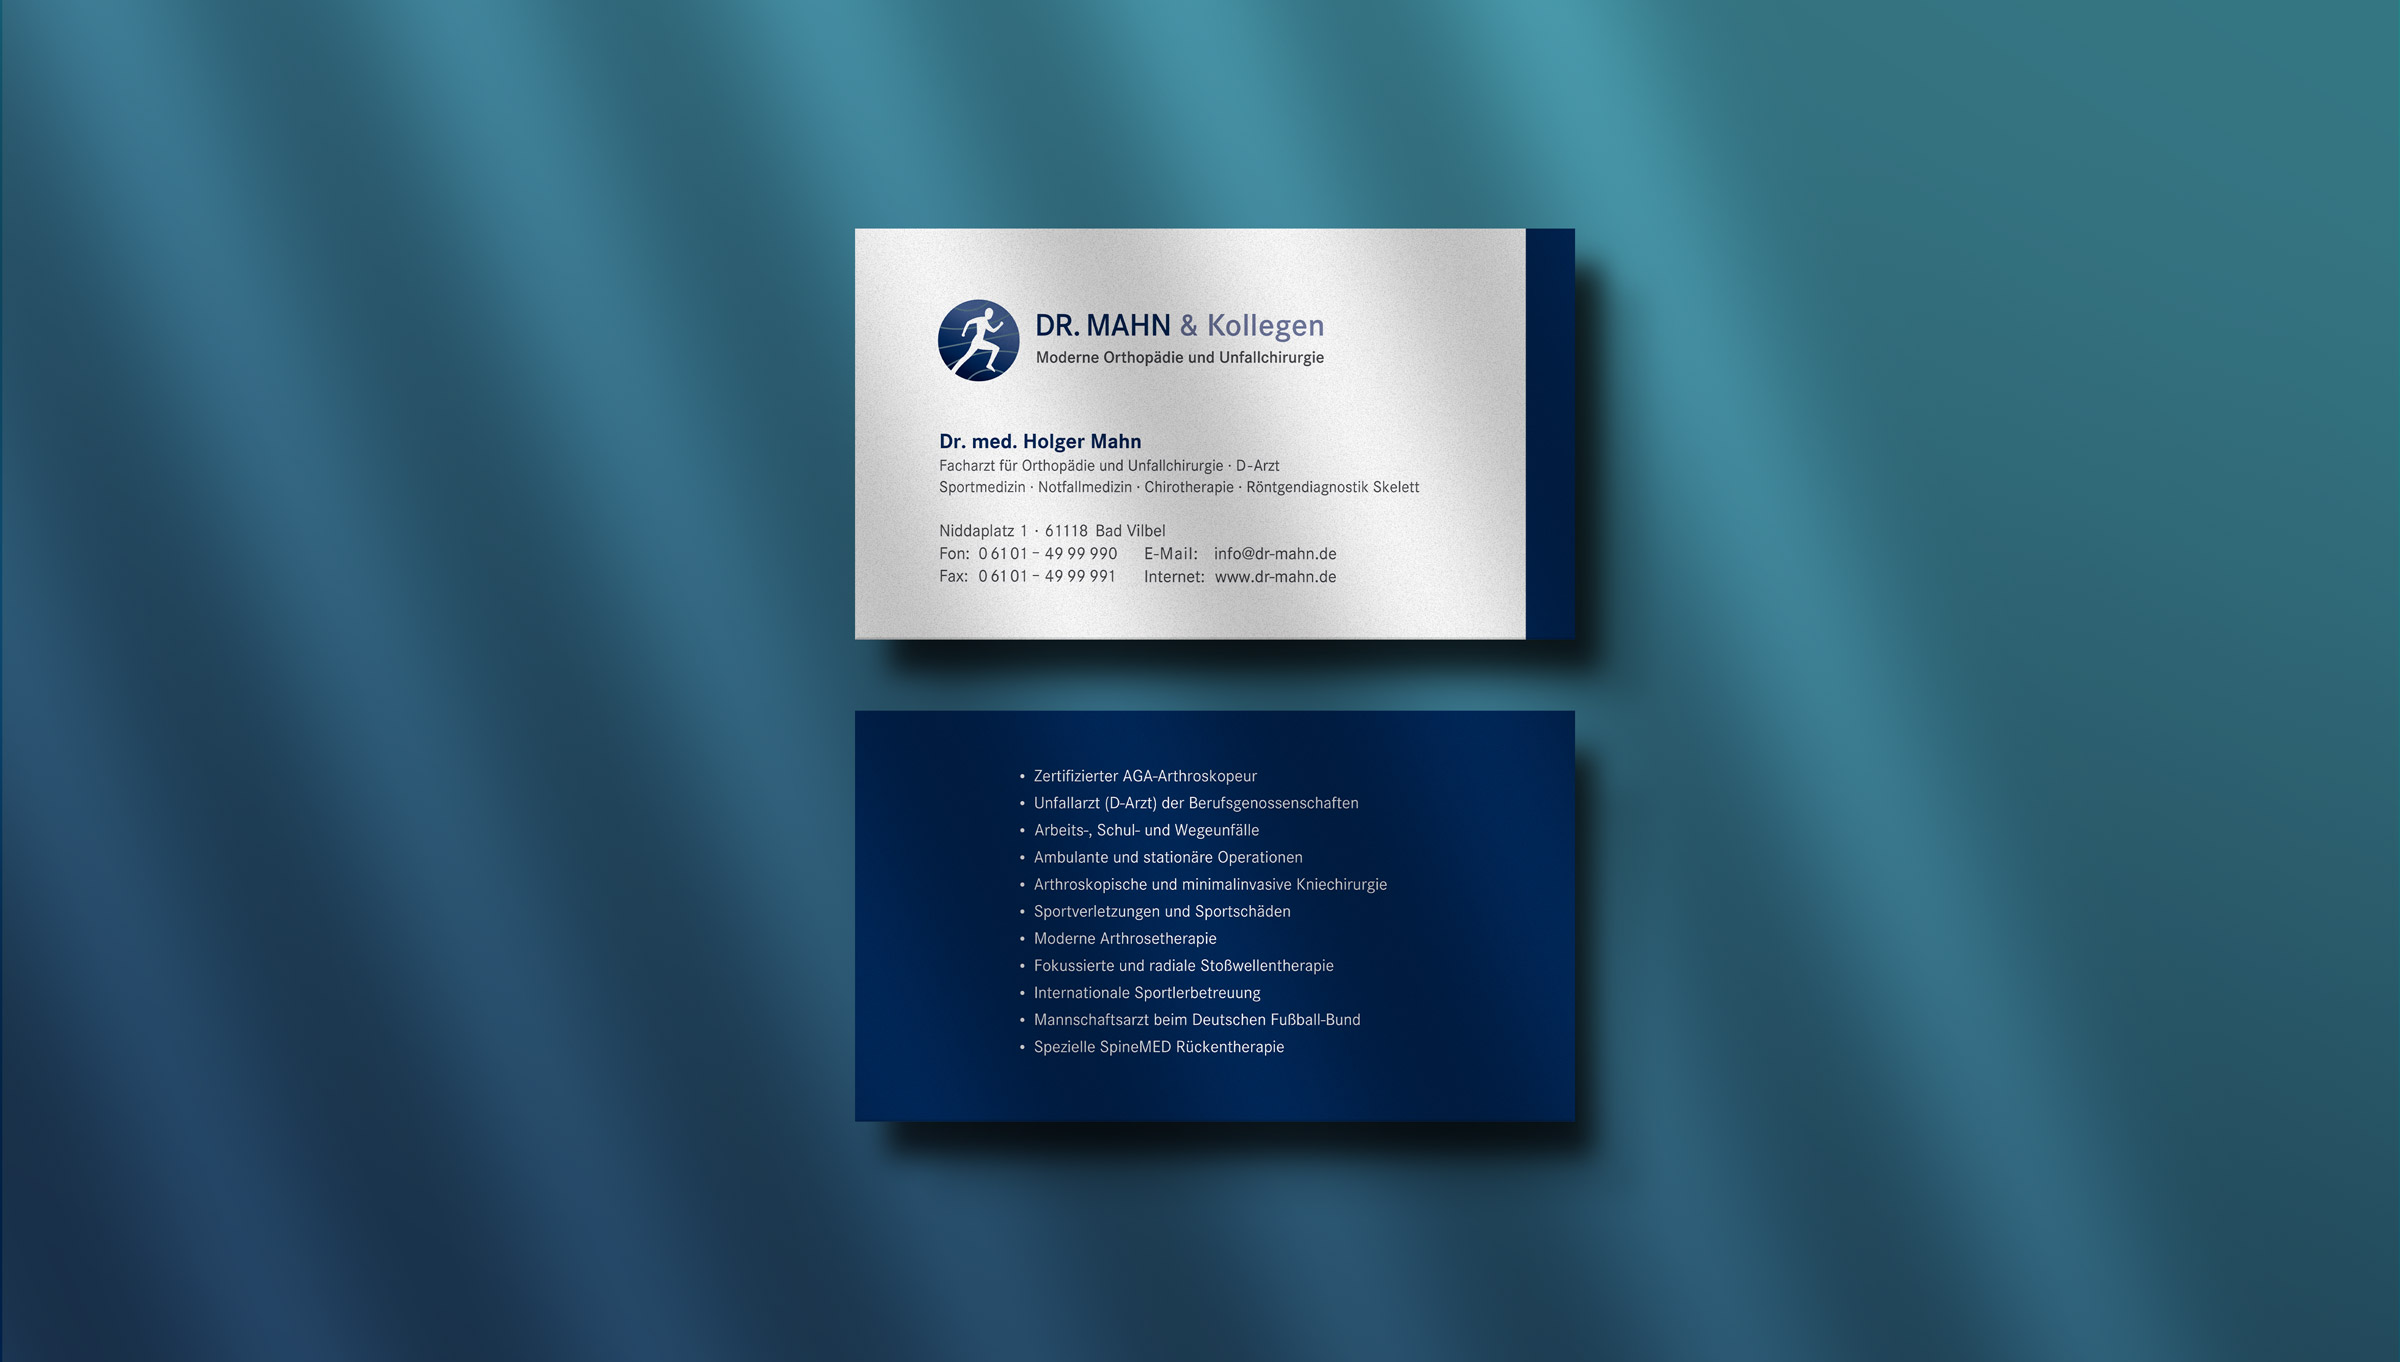 Visitenkarten für einen Orthopäden aus Bad Vilbel bei Frankfurt.